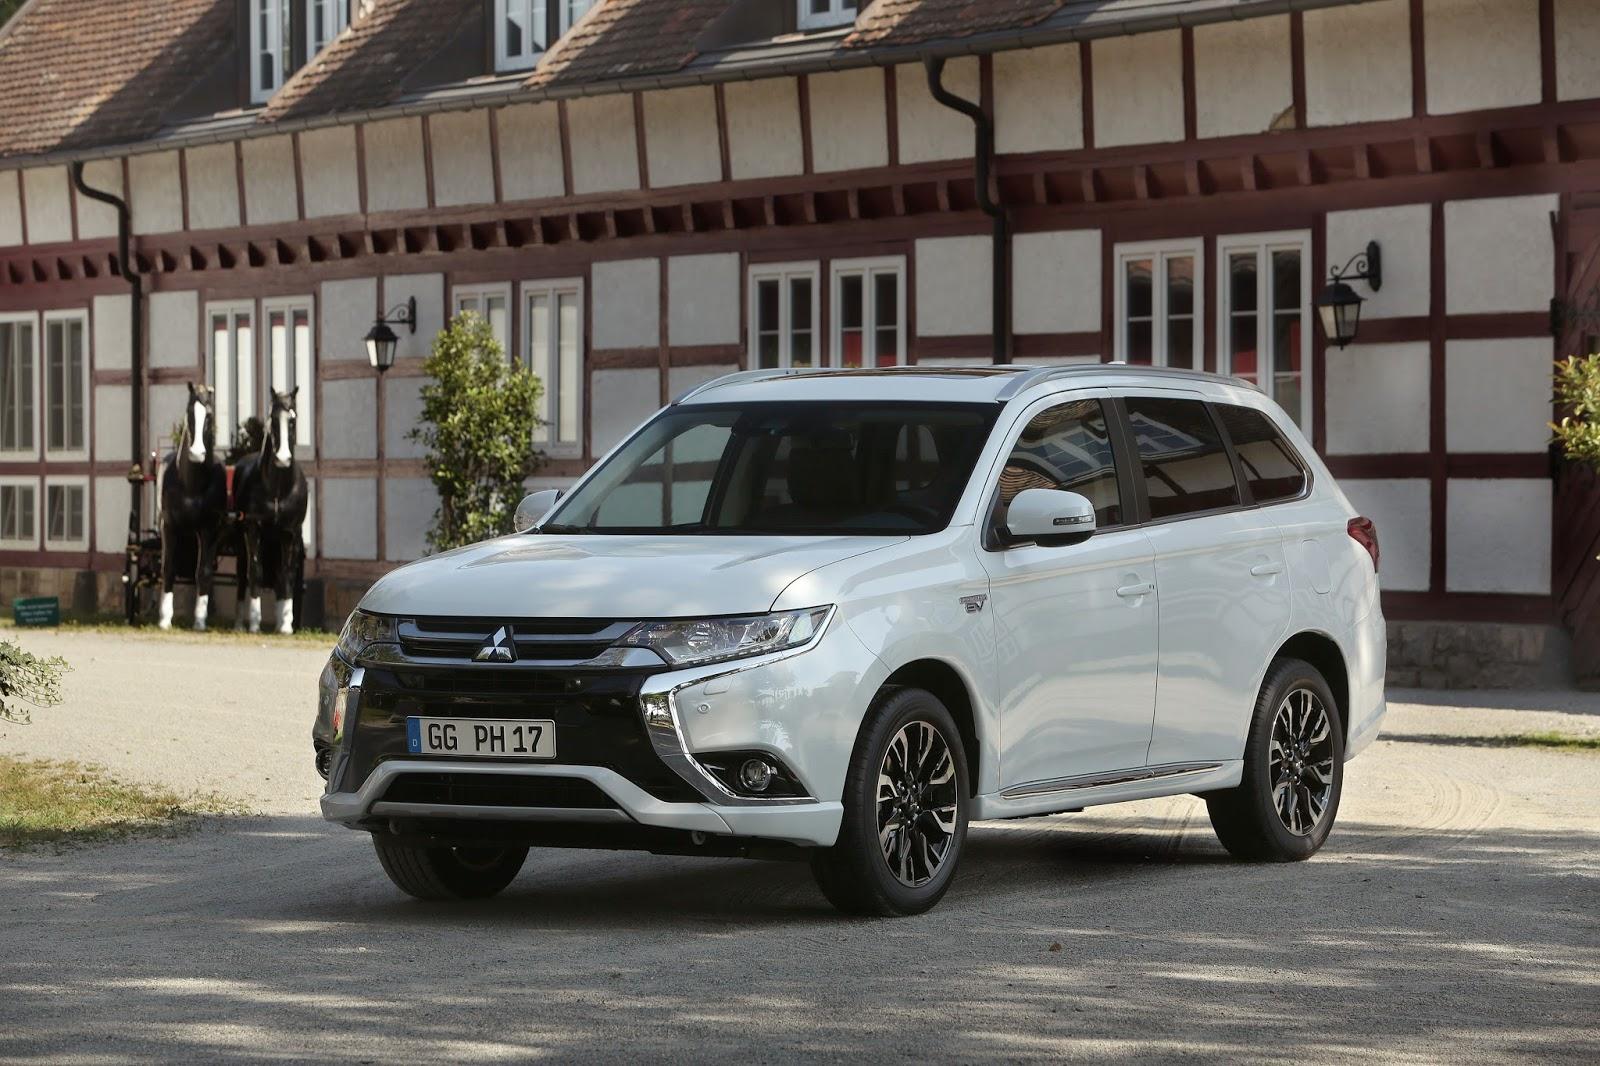 Πωλήσεις 100.000 Mitsubishi Outlander Phev στην Ευρώπη